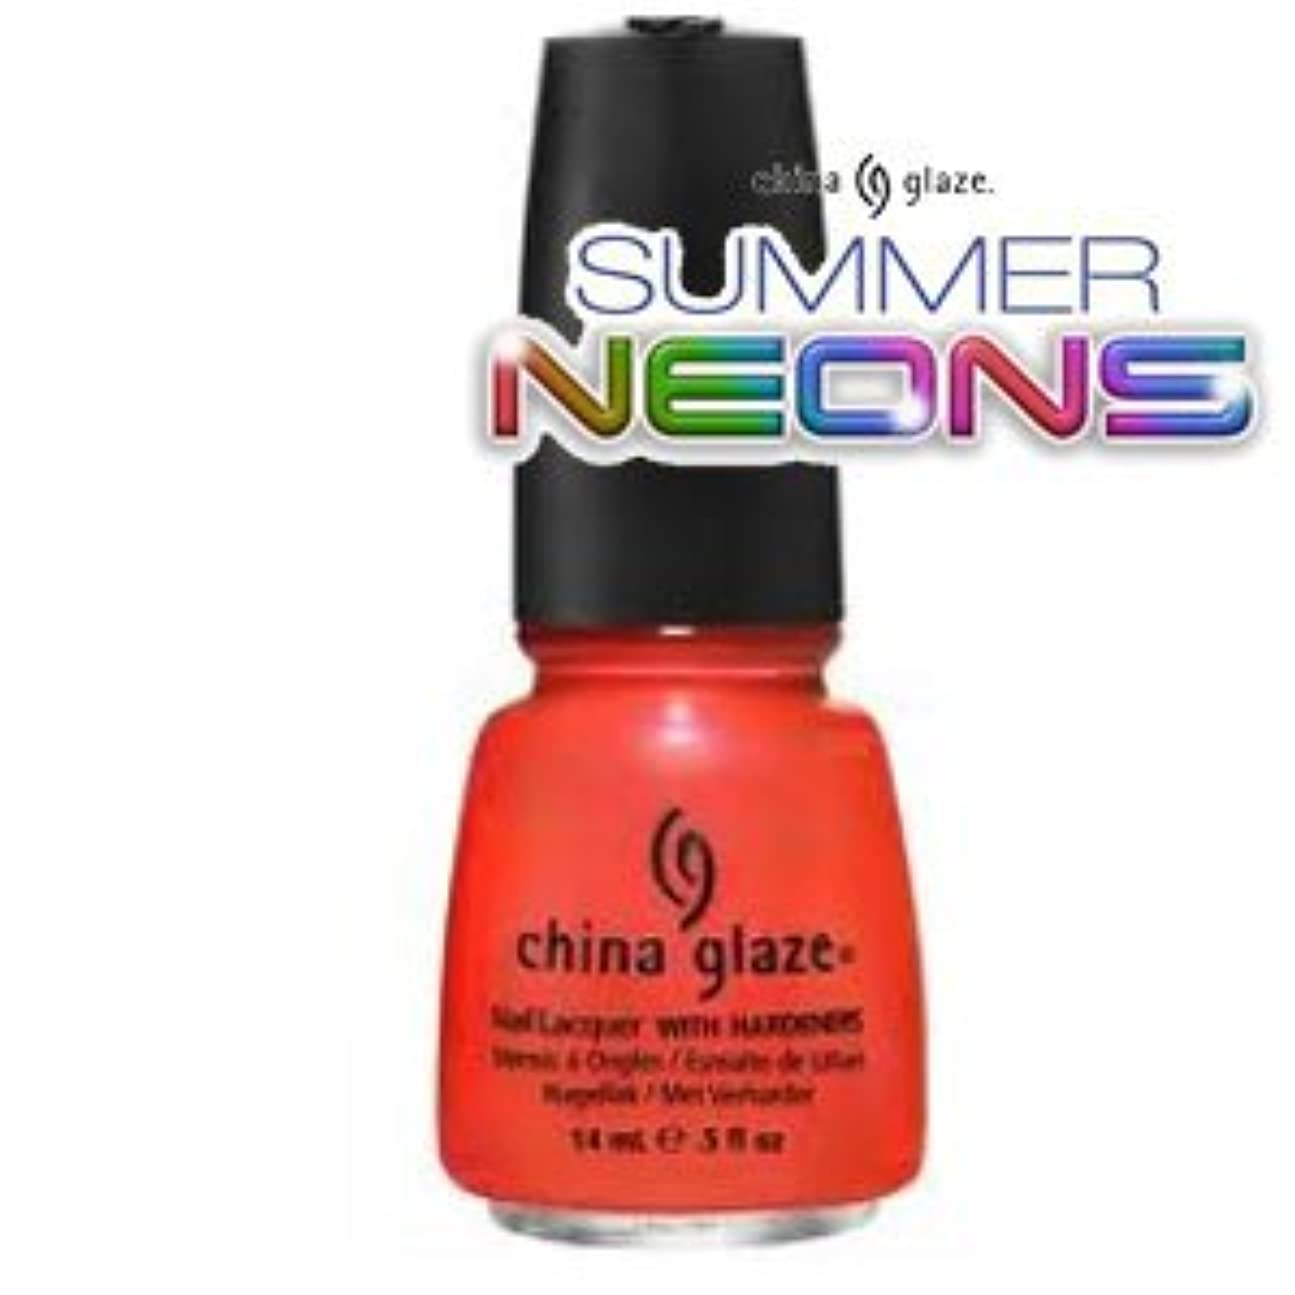 (チャイナグレイズ)China Glaze Surfin ' For Boysーサマーネオン コレクション [海外直送品][並行輸入品]